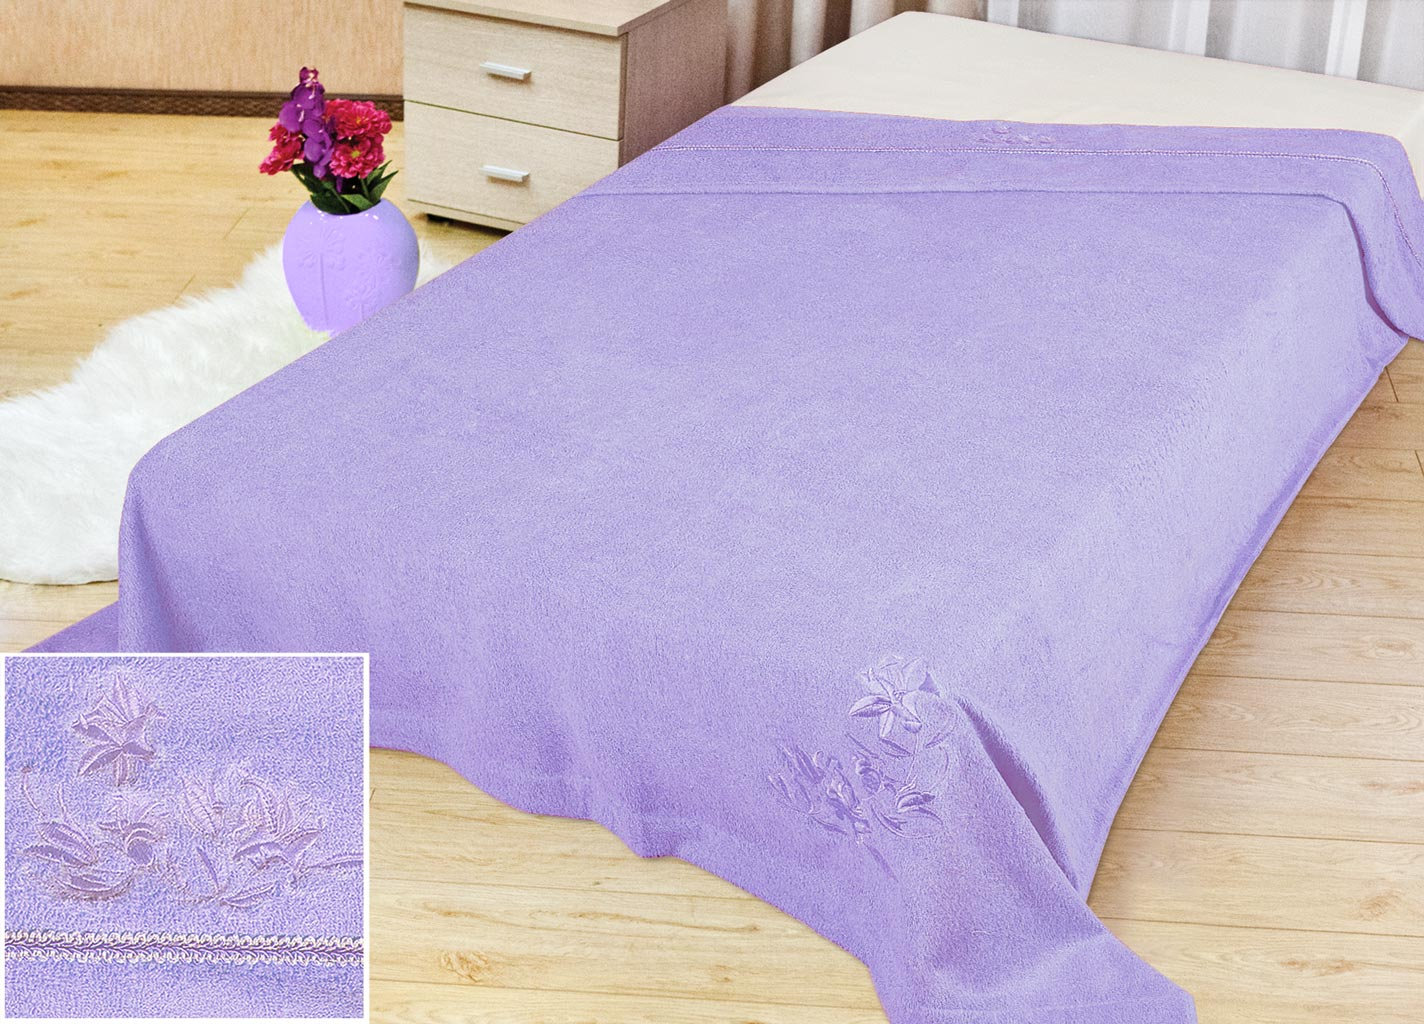 Покрывало Soavita Бамбук, цвет: лиловый, 180 х 220 см70469Махровое покрывало Soavita Бамбук изготовлено из экологически чистого натурального хлопка, поэтому подходит как для взрослых, так и для детей. Оно будет хорошо смотреться и на диване, и на большой кровати. Благодаря яркому и необычному дизайну, покрывало не только подарит тепло, но и гармонично впишется в интерьер комнаты.Махровое полотно создается из хлопковых нитей, которые, в свою очередь, прядутся из множества хлопковых волокон. Чем длиннее эти волокна, тем прочнее будет нить, и, соответственно, изделие. Длина составляющих хлопковую нить волокон влияет и на фактуру получаемой ткани: чем они длиннее, тем мягче и пушистее получится махровое изделие, тем лучше будет впитывать изделие воду. Хотя на впитывающие качество махры - ее гигроскопичность, не в последнюю очередь влияет состав волокна. Мягкая махровая ткань отлично впитывает влагу и быстро сохнет.